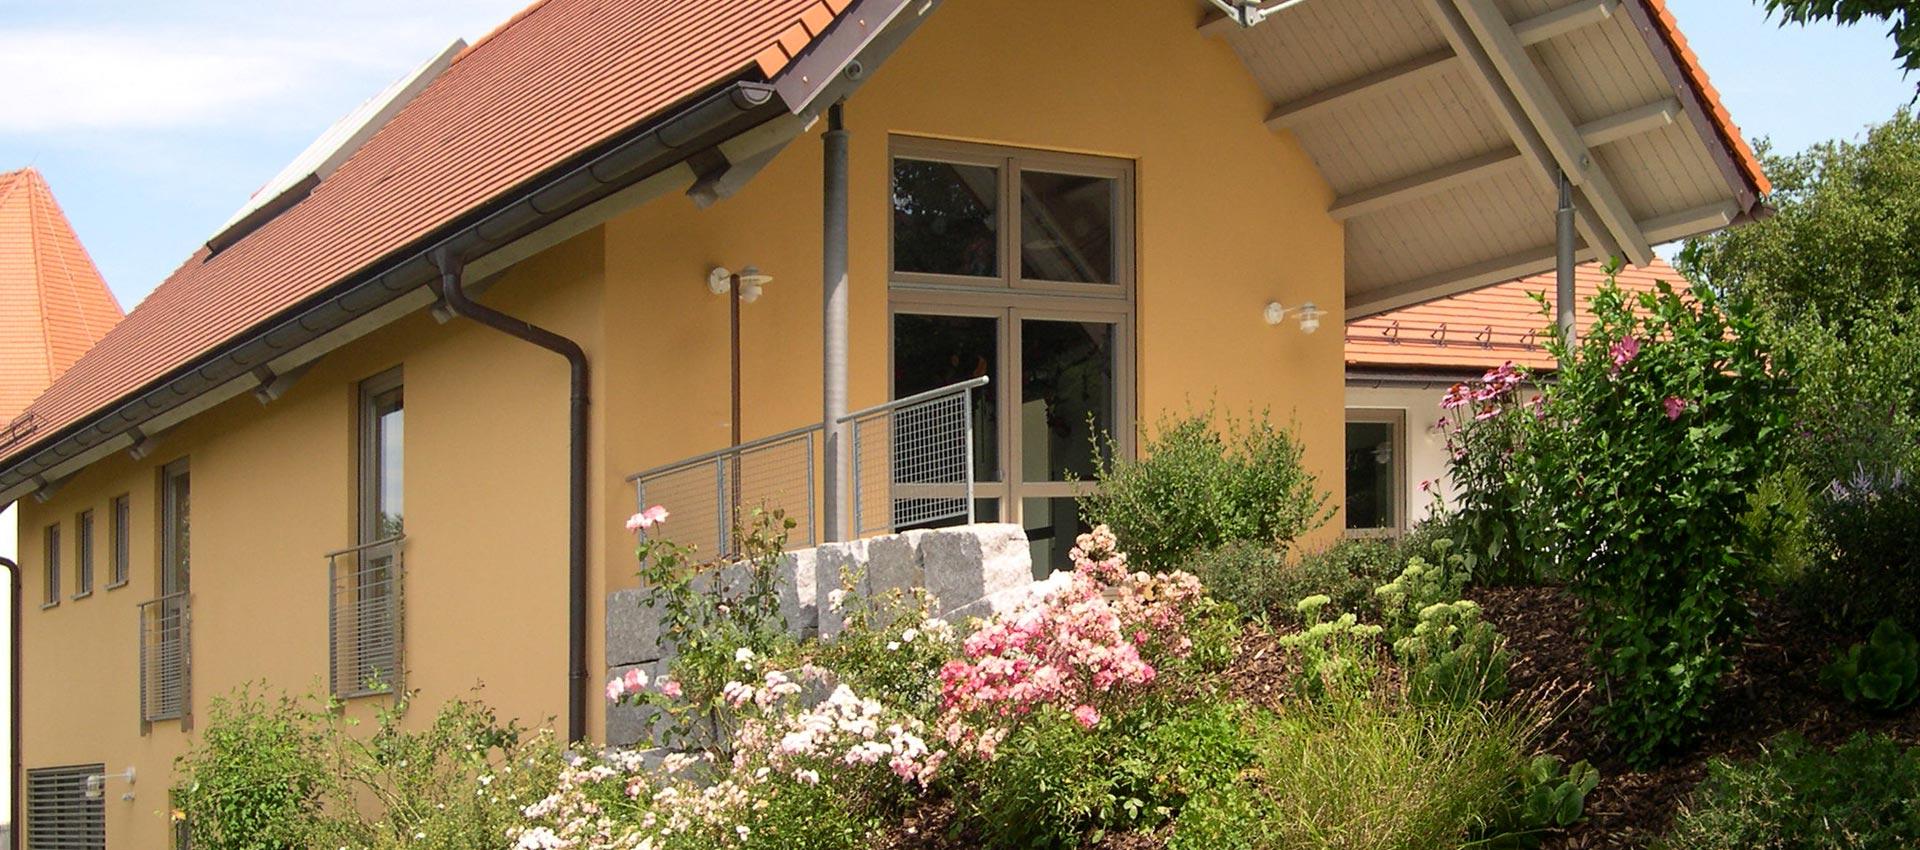 Brandl Bau nahe Landshut